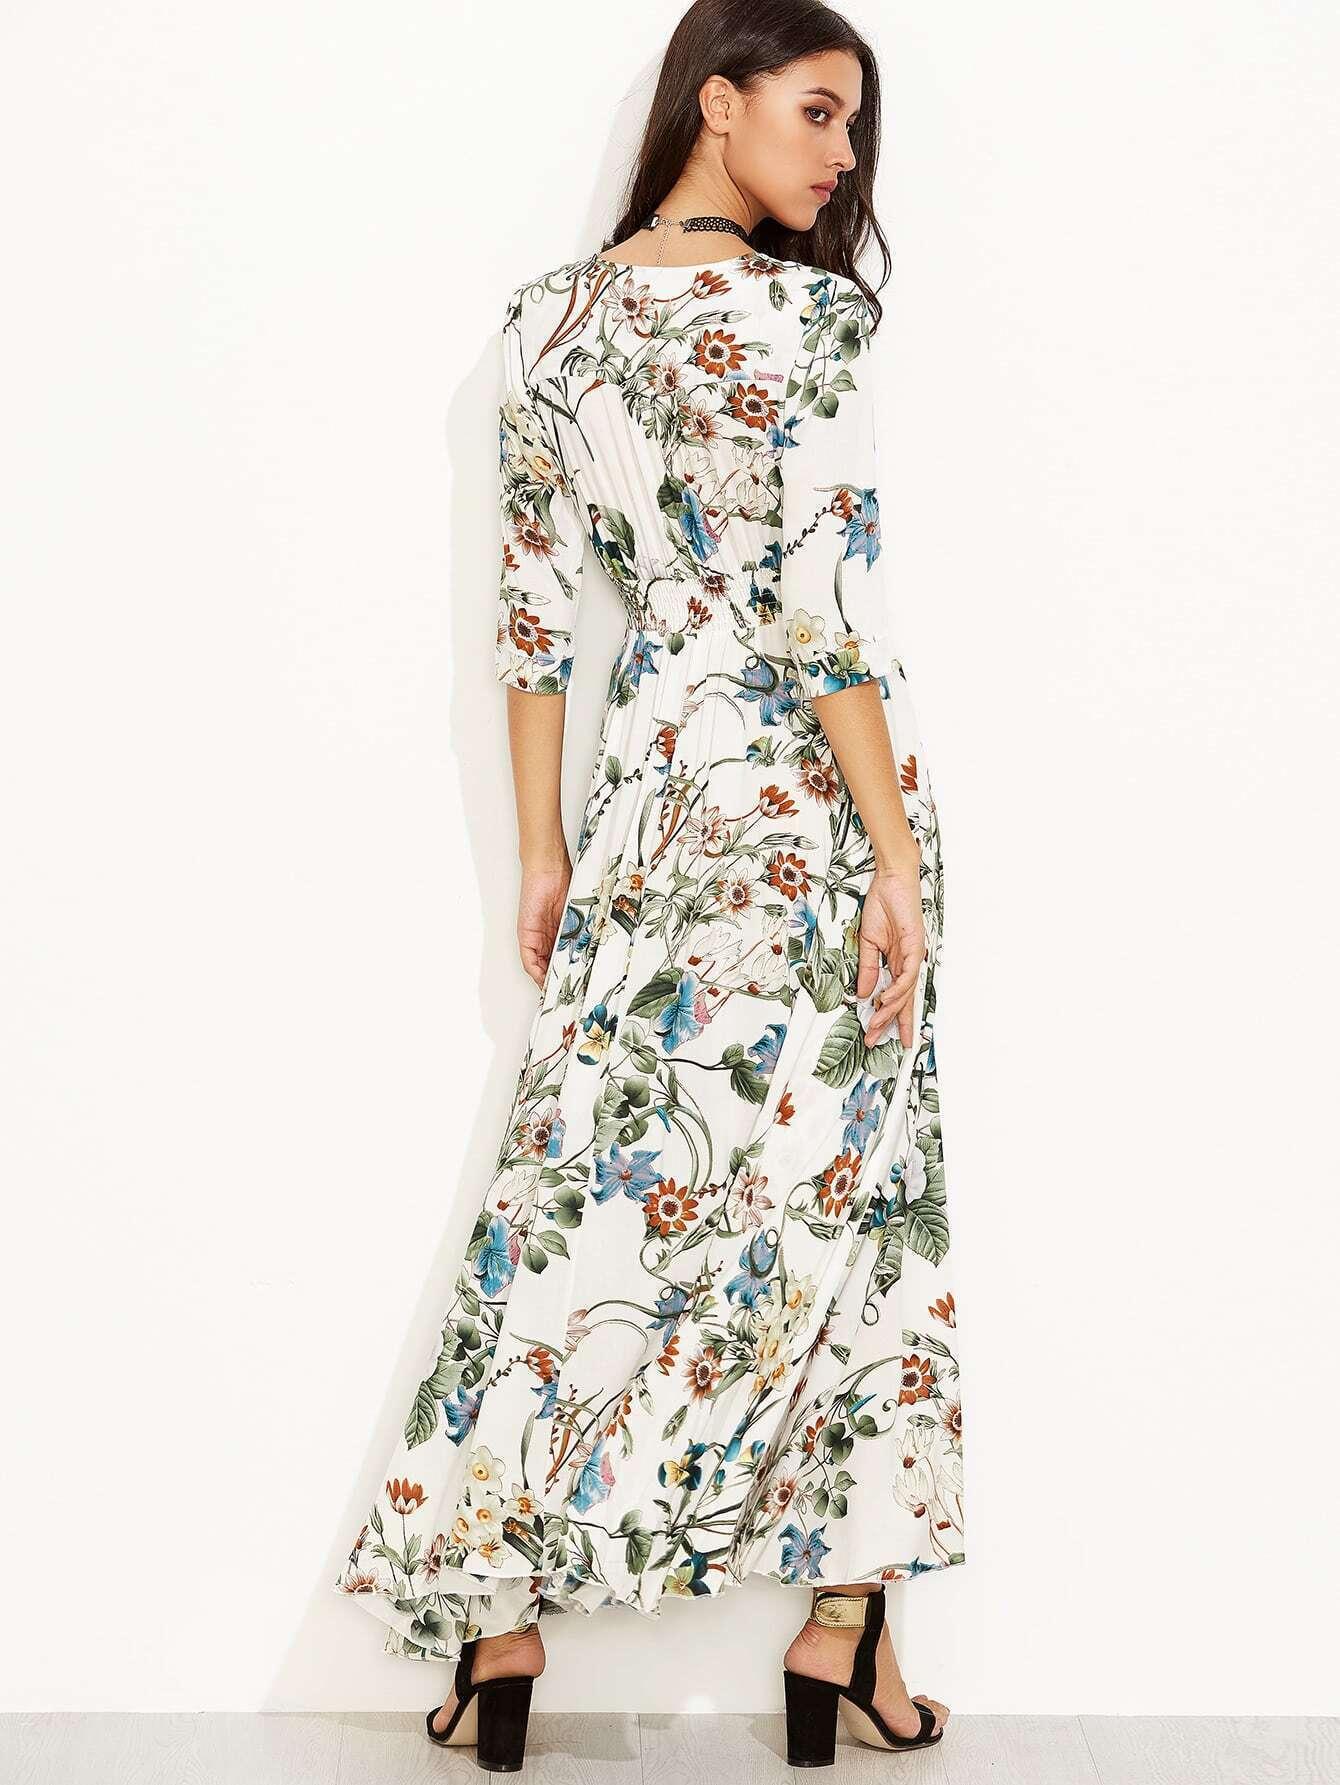 dress160815527_2